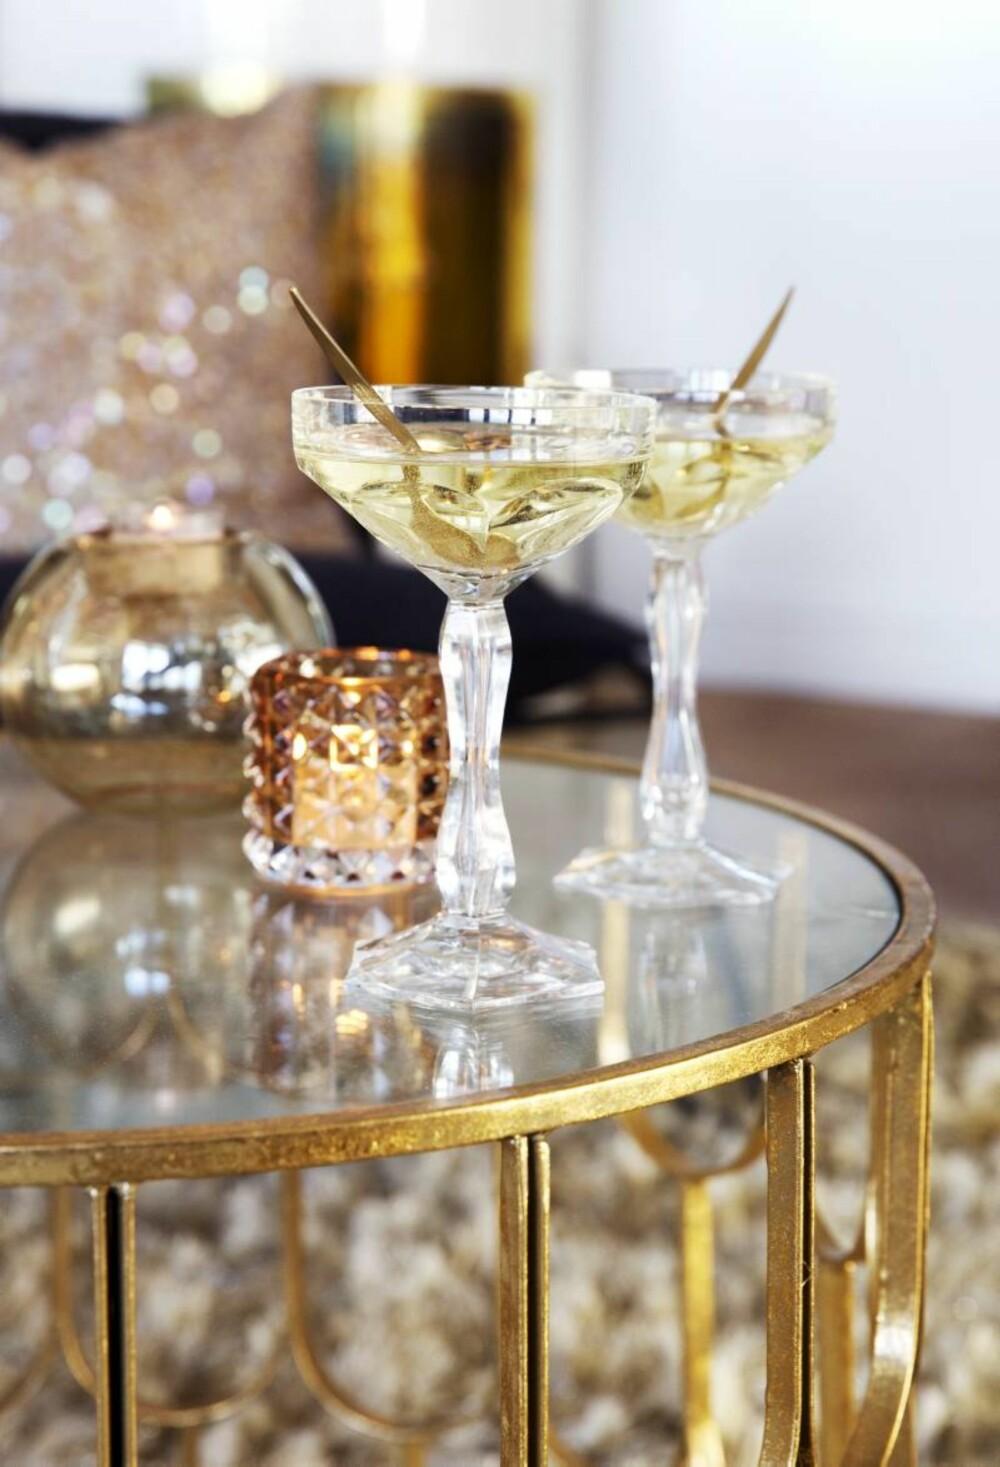 Affeksjonsverdi. De arvede champagneglassene i krystall settes frem til jul. Lyslykten er fra Bolina. Styling: Tone Kroken.